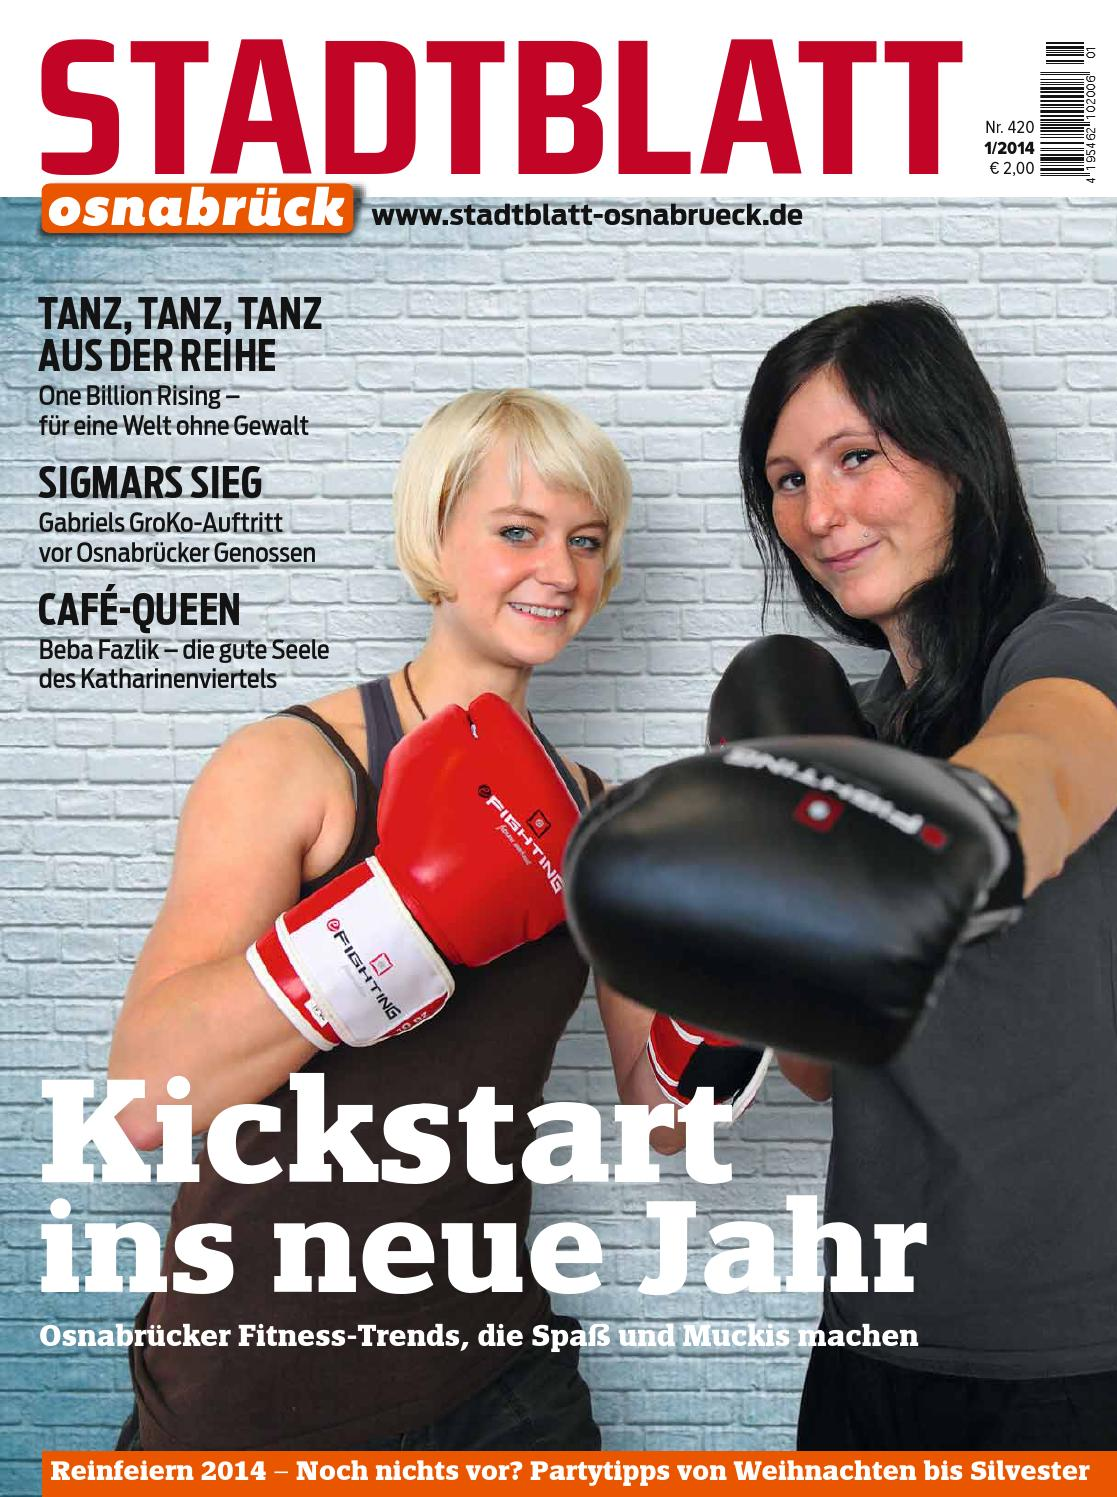 stadtblatt 201401 by bvw werbeagentur issuu